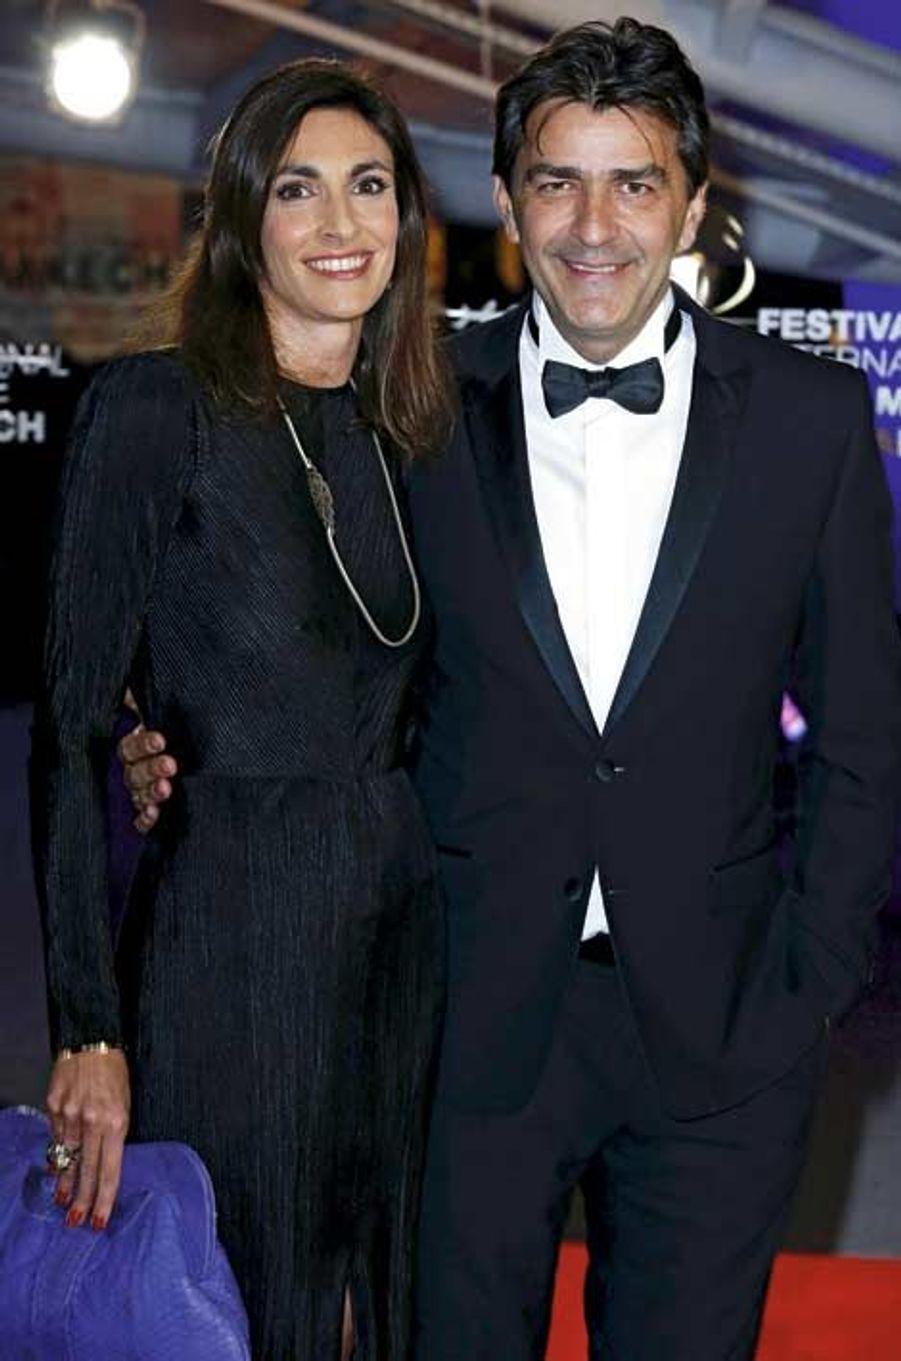 Yannick Alléno et sa femme, Laurence Bonnel